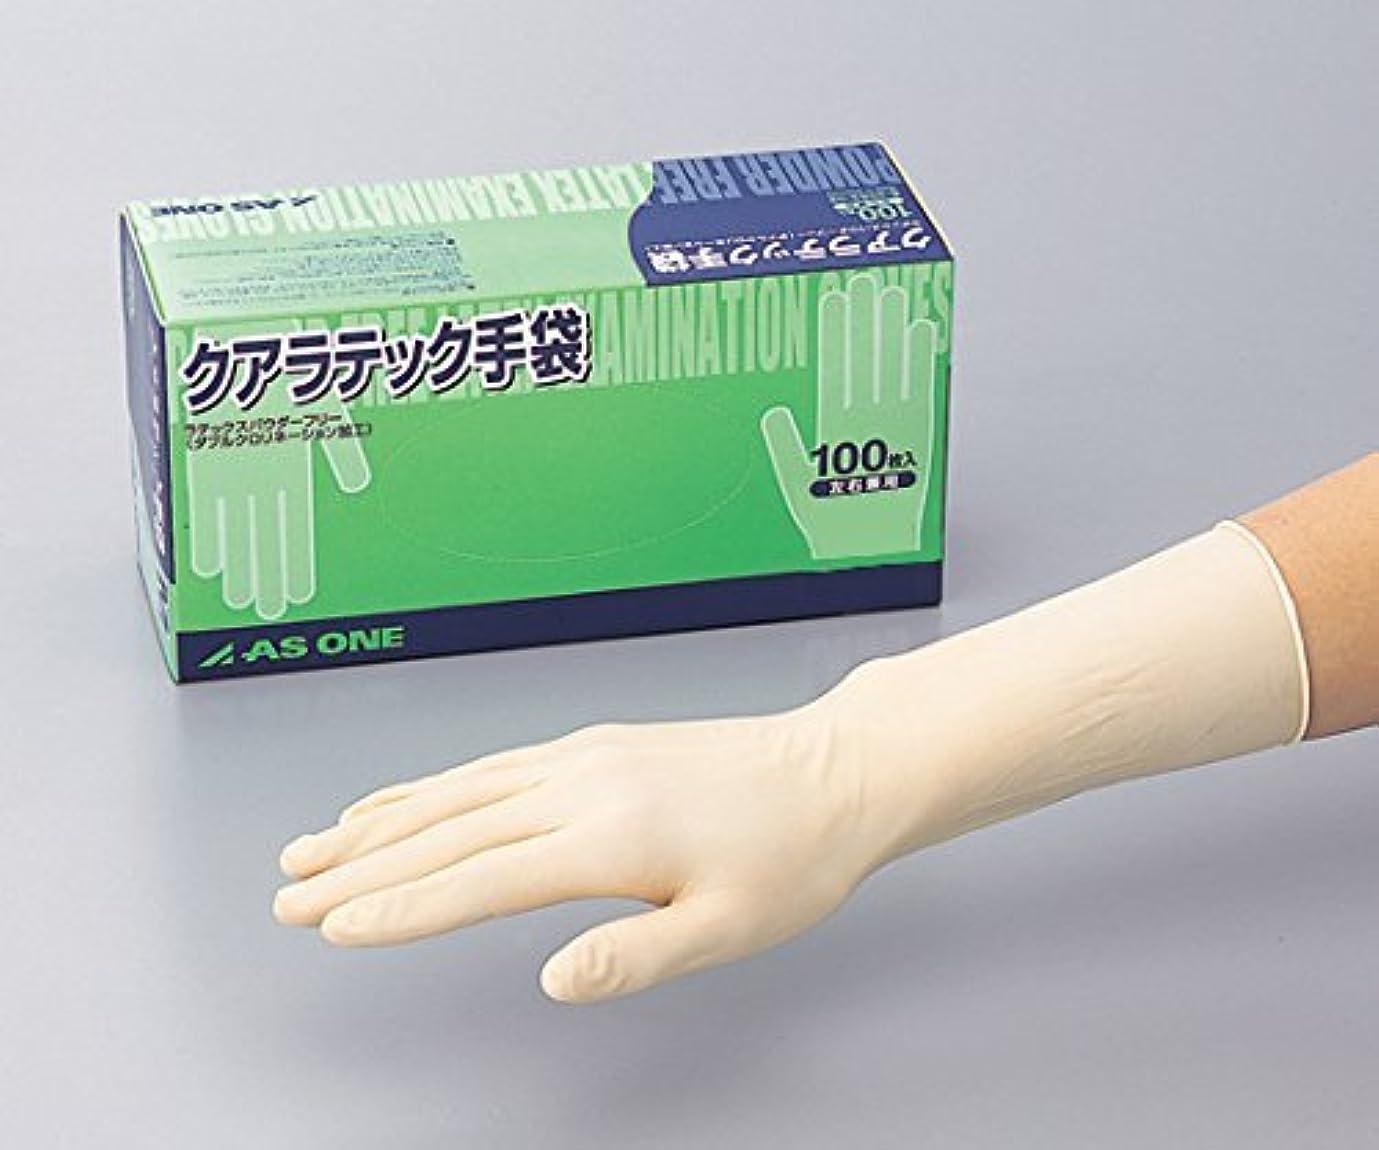 コーチラベモックアズワン8-4053-03クアラテック手袋(DXパウダーフリー)S1箱(100枚入)